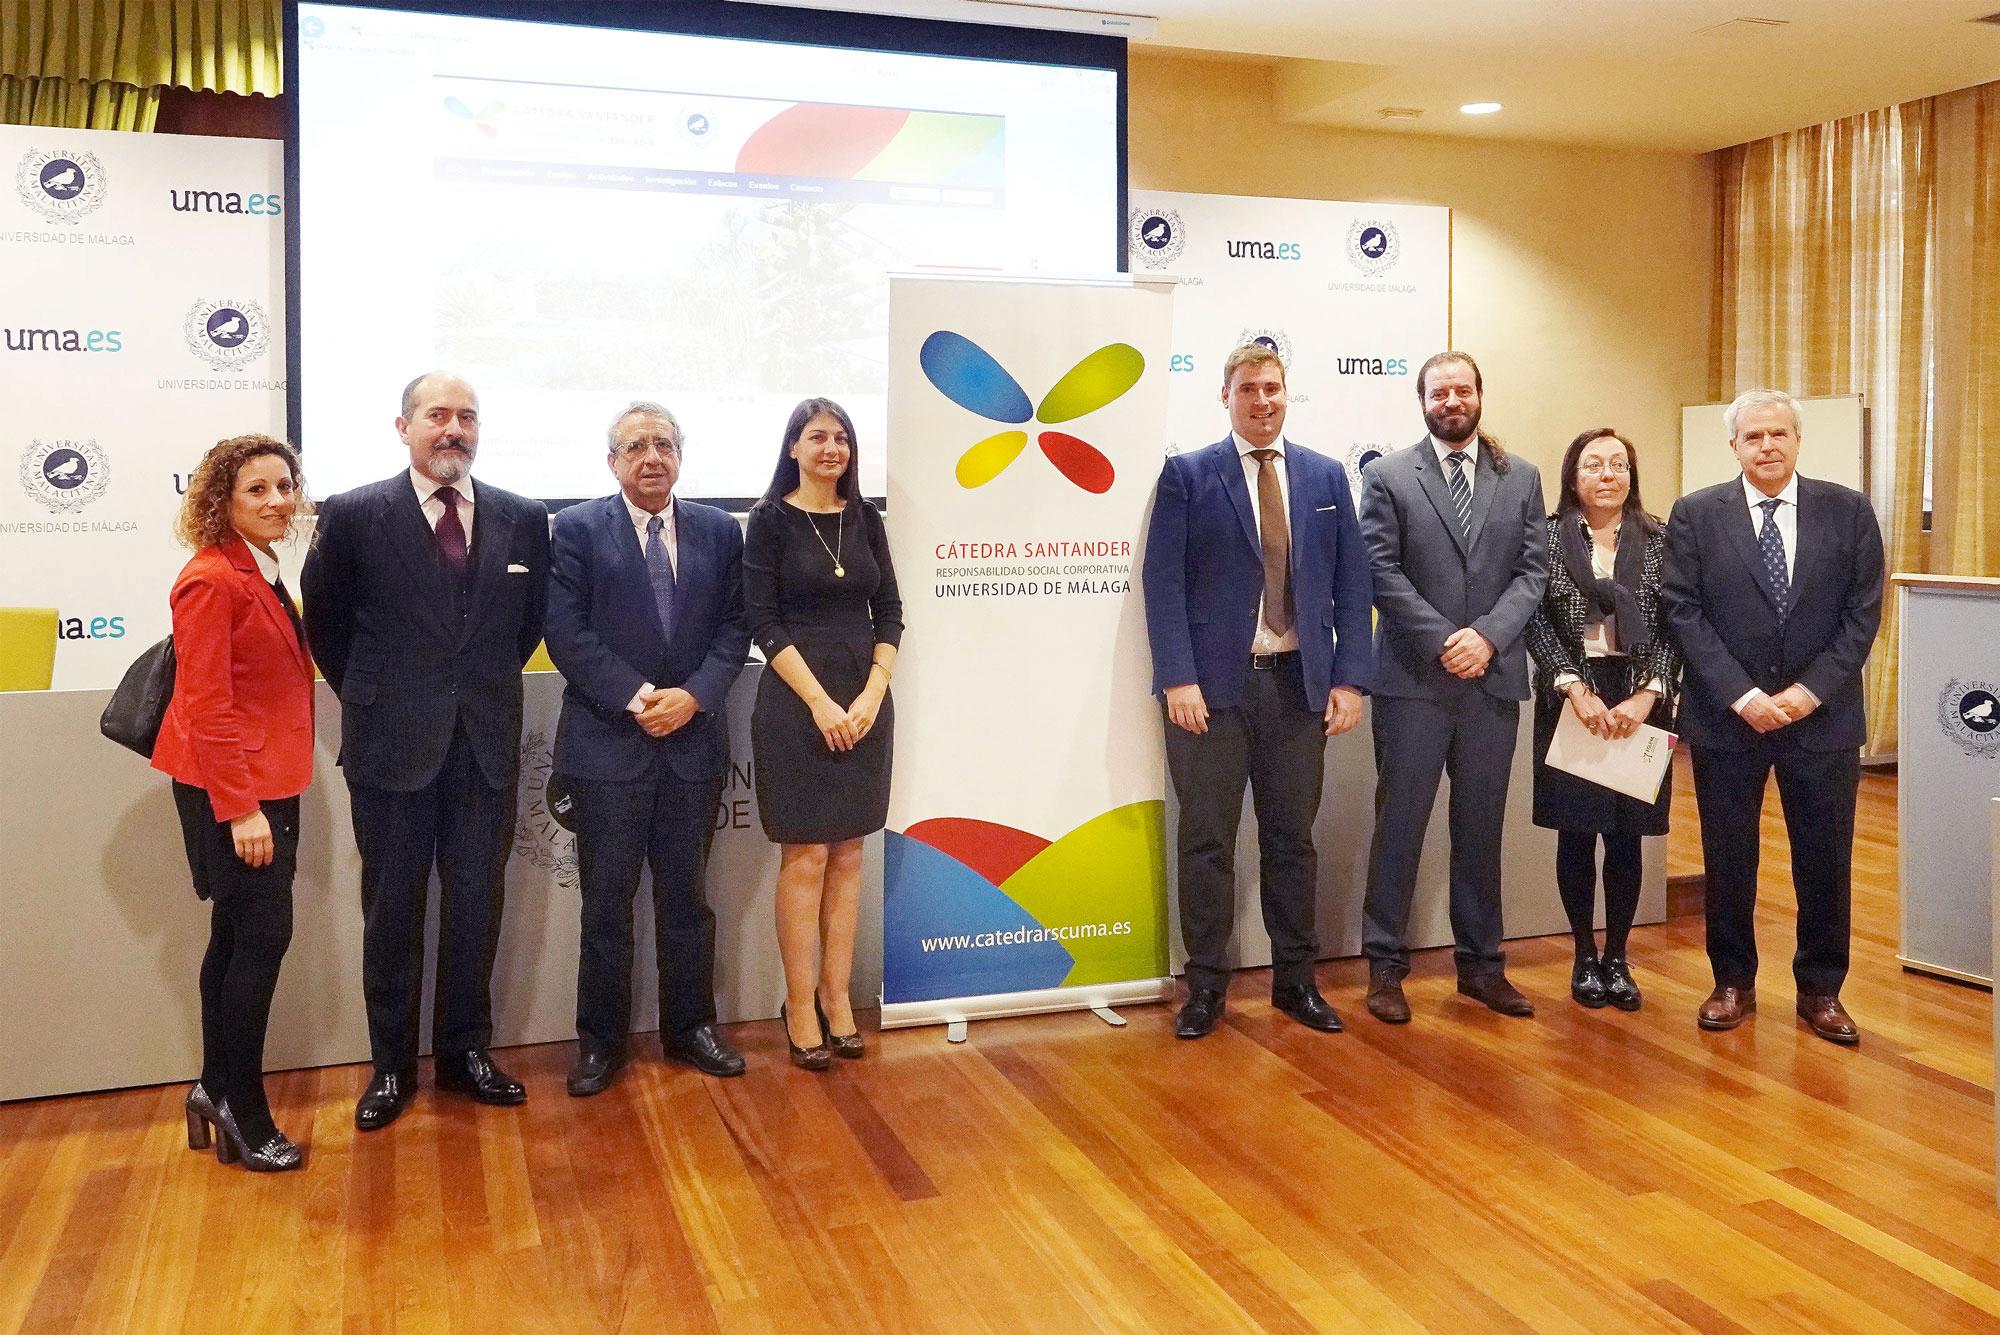 Entregado PREMIO a la Mejor Tesis Doctoral sobre RSC/Sostenbilidad